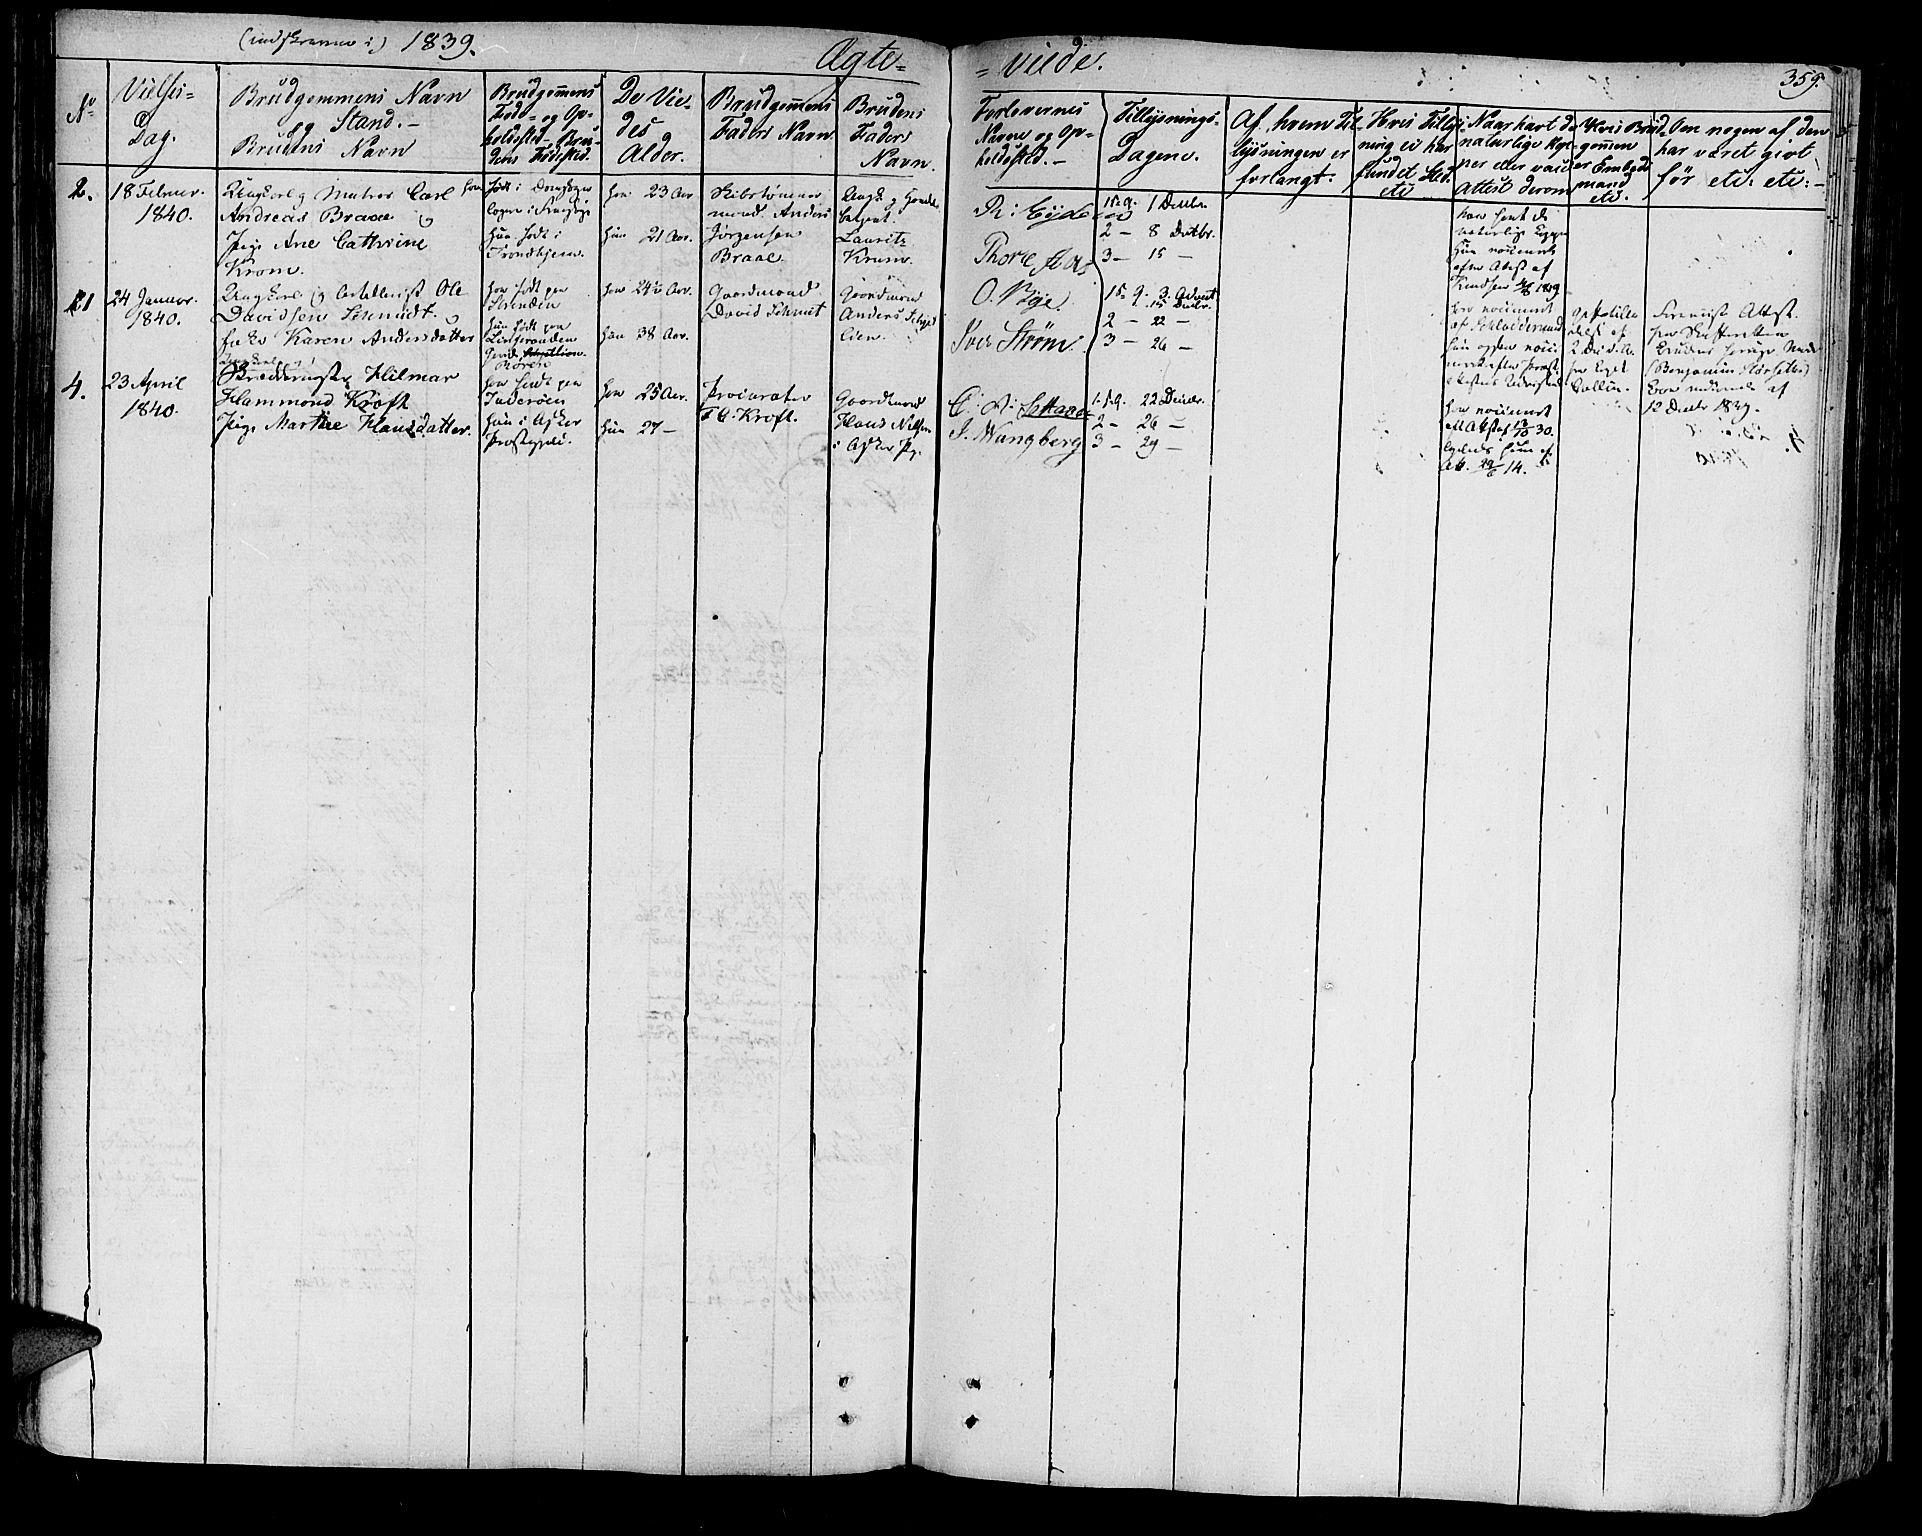 SAT, Ministerialprotokoller, klokkerbøker og fødselsregistre - Sør-Trøndelag, 602/L0109: Ministerialbok nr. 602A07, 1821-1840, s. 359